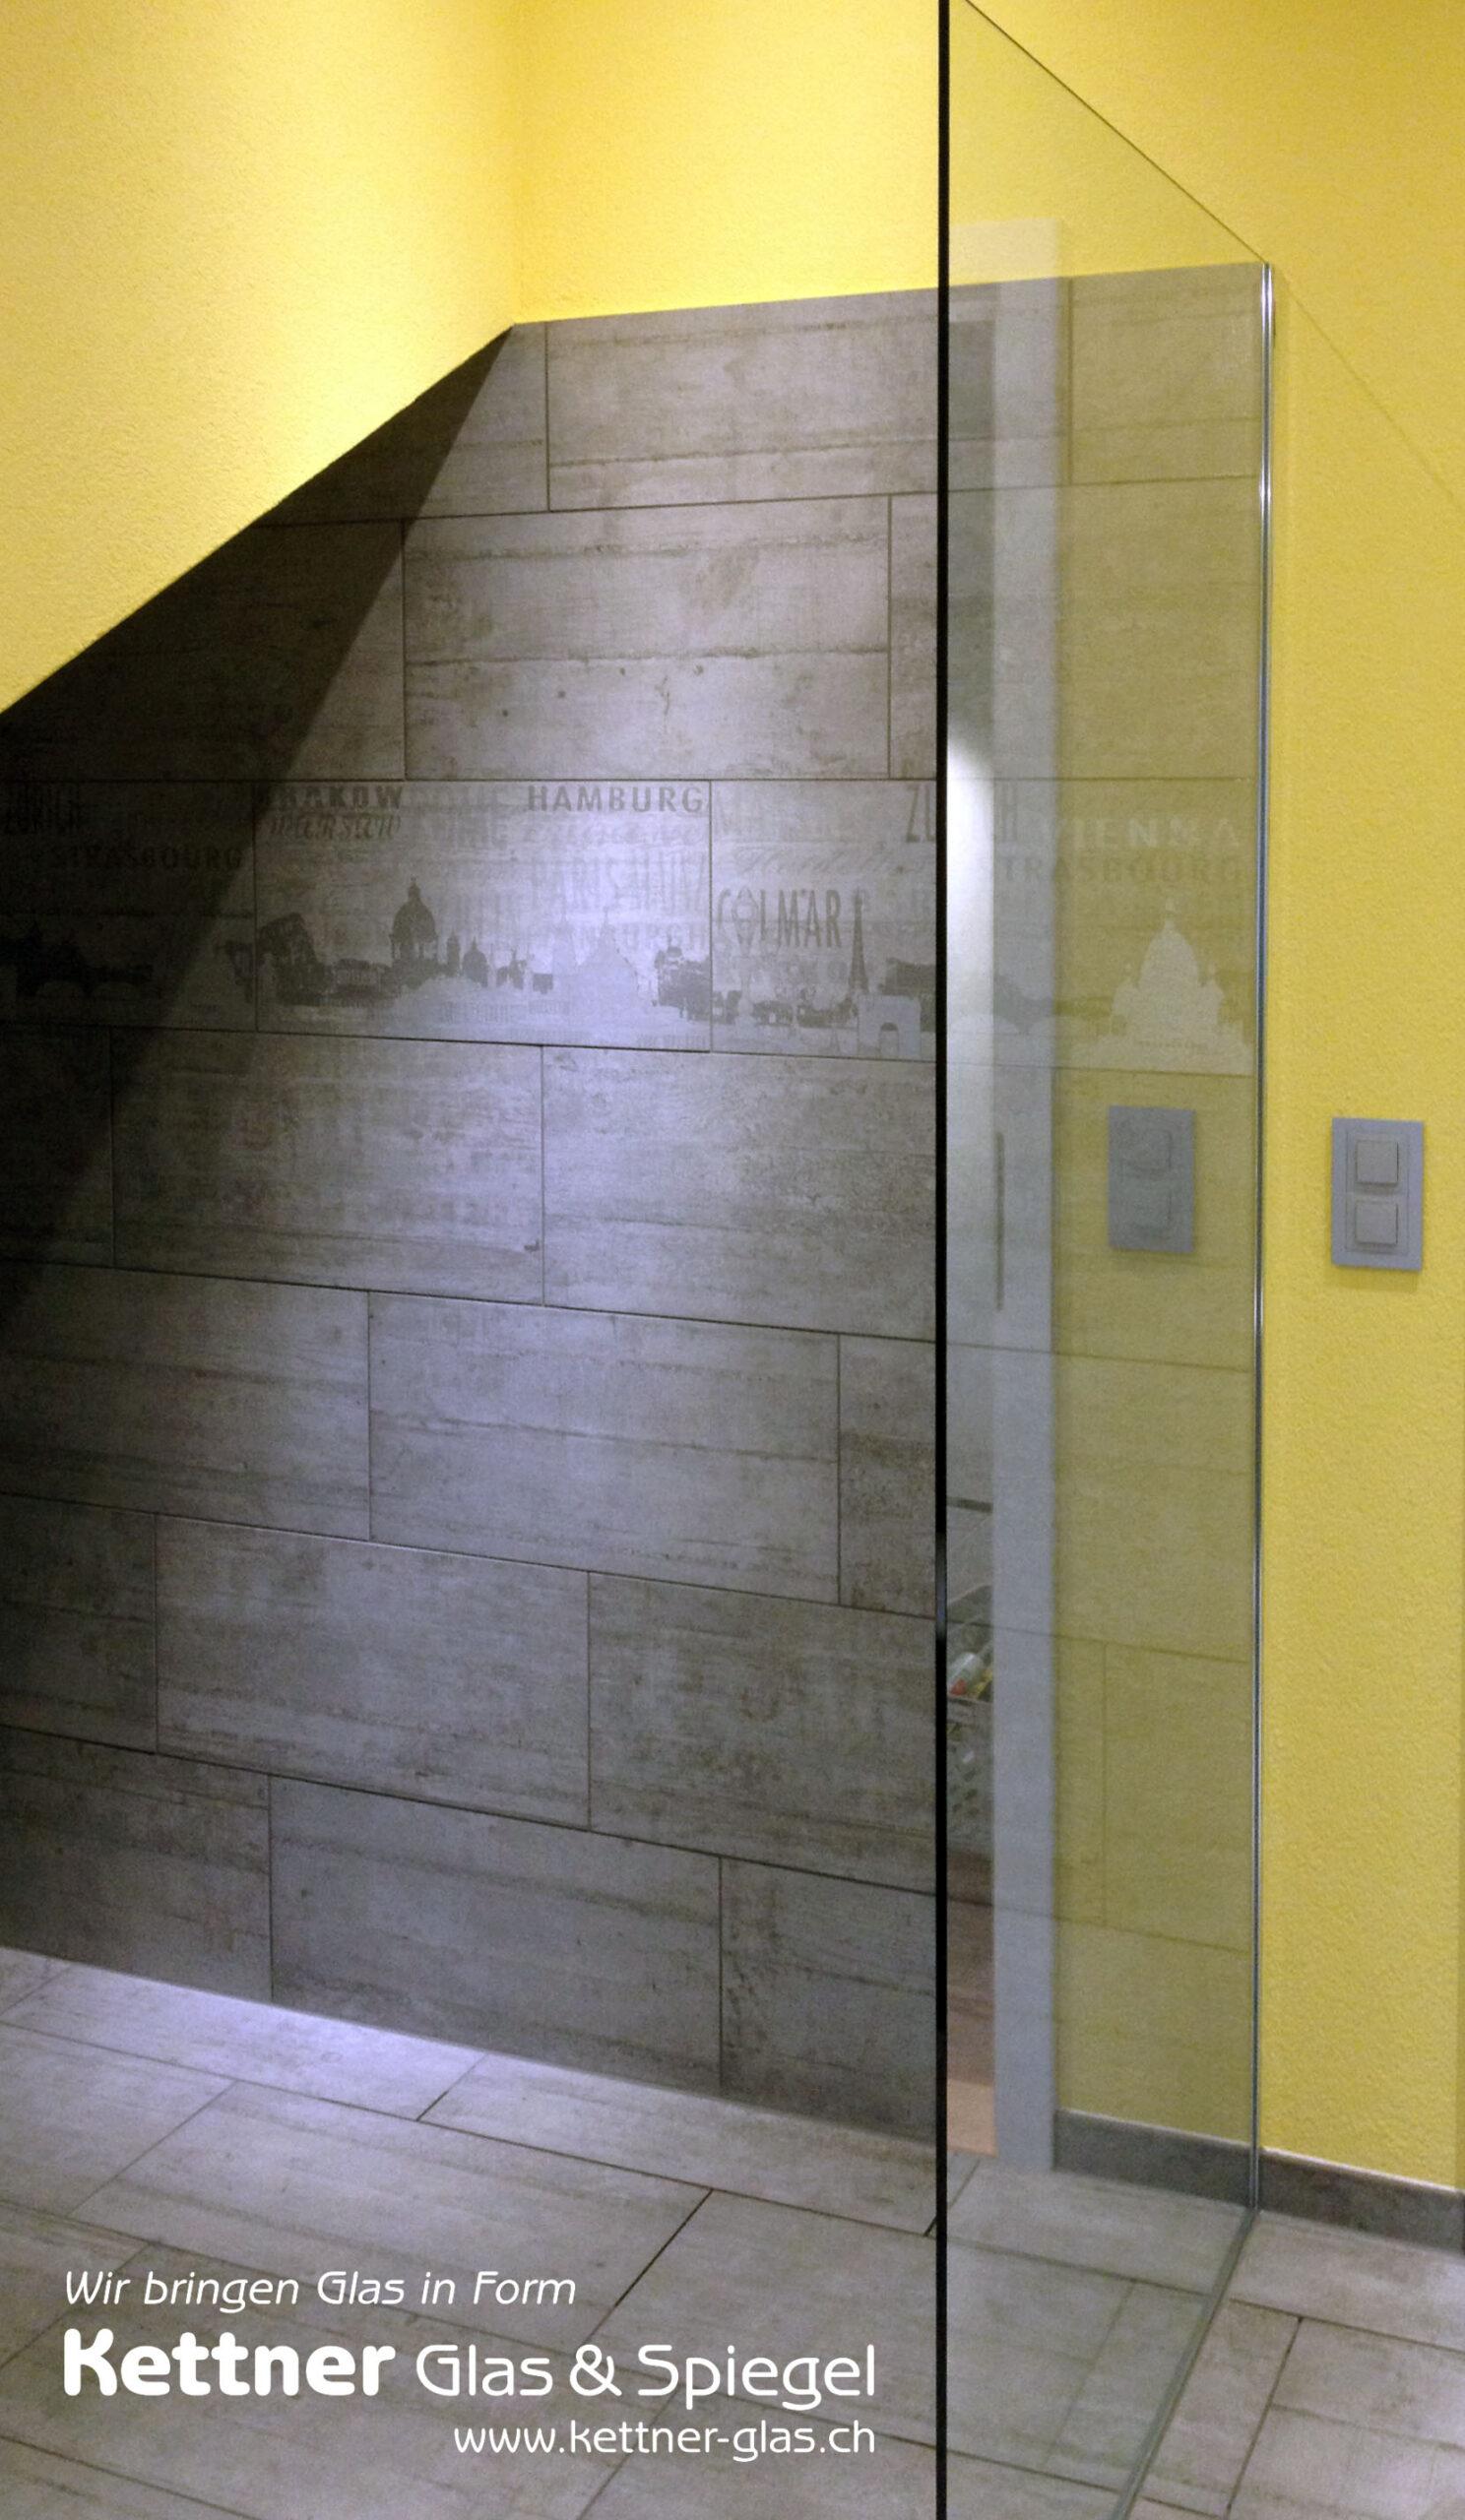 Full Size of Bodenebene Dusche Mit Glaswand Kgs Barrierefreie Haltegriff Bodengleiche Einbauen Abfluss Wand Ebenerdig Unterputz Armatur 80x80 Pendeltür Walkin Nischentür Dusche Bodenebene Dusche